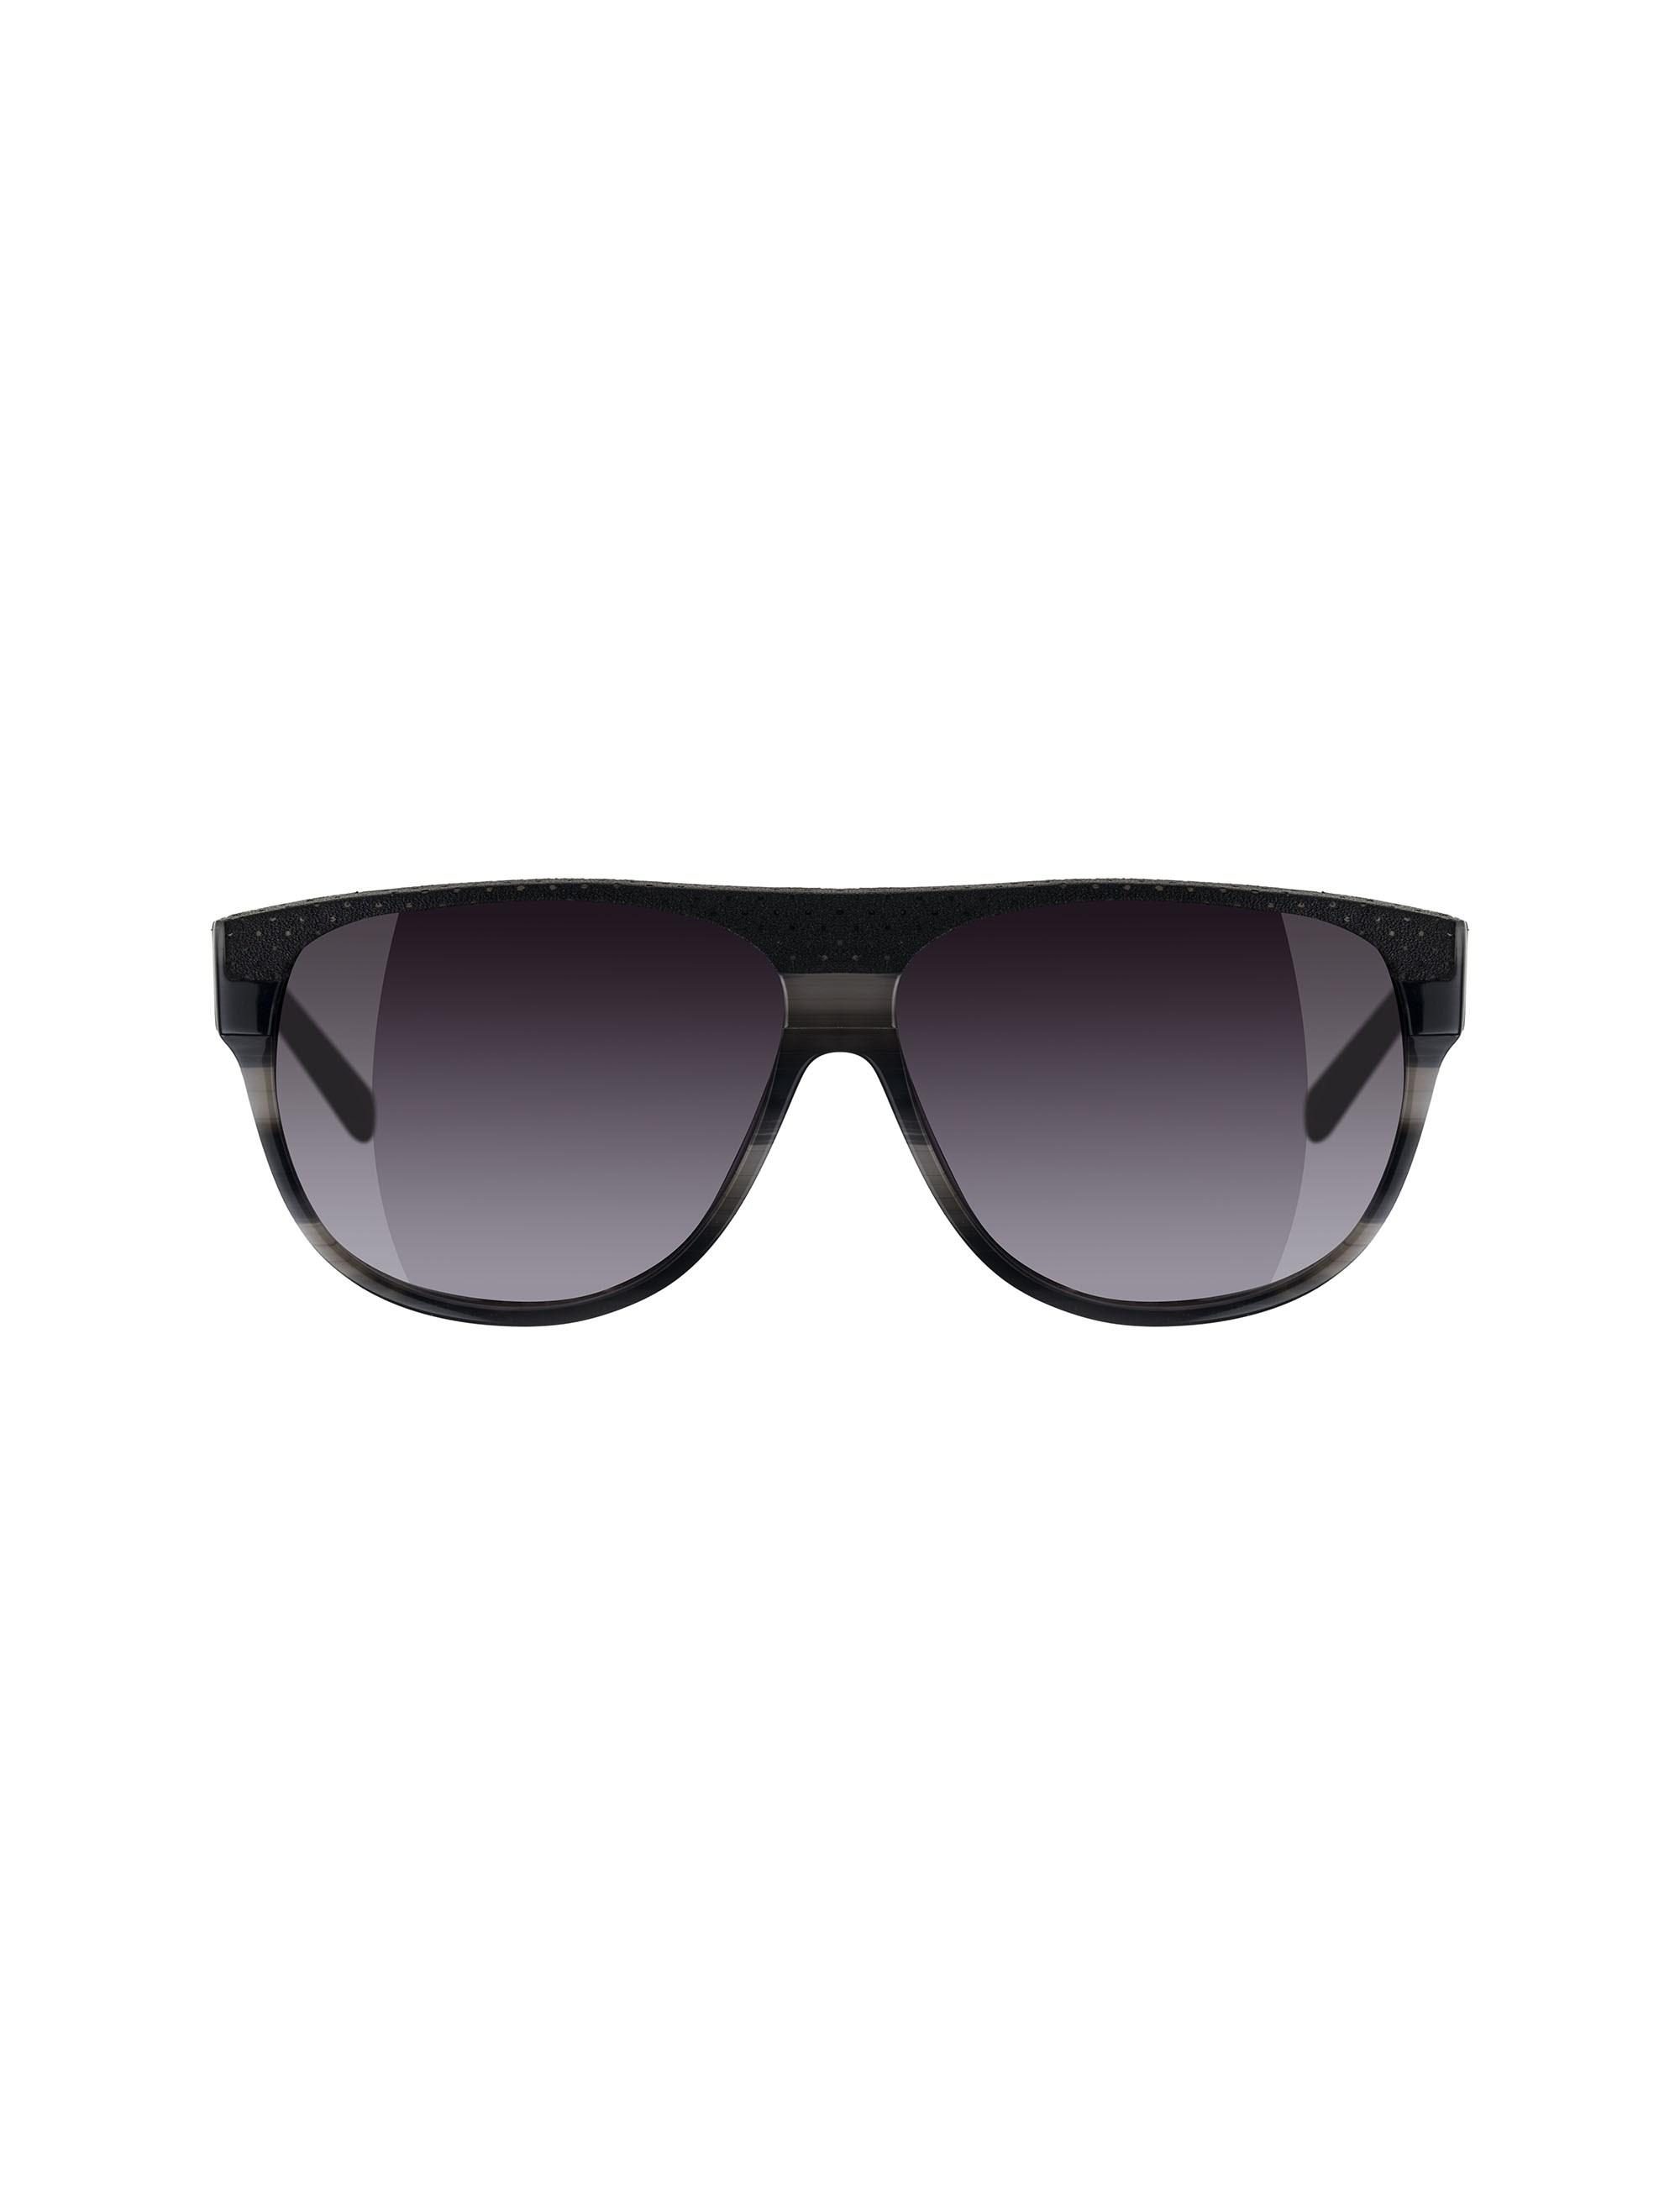 قیمت عینک آفتابی خلبانی زنانه - تد بیکر